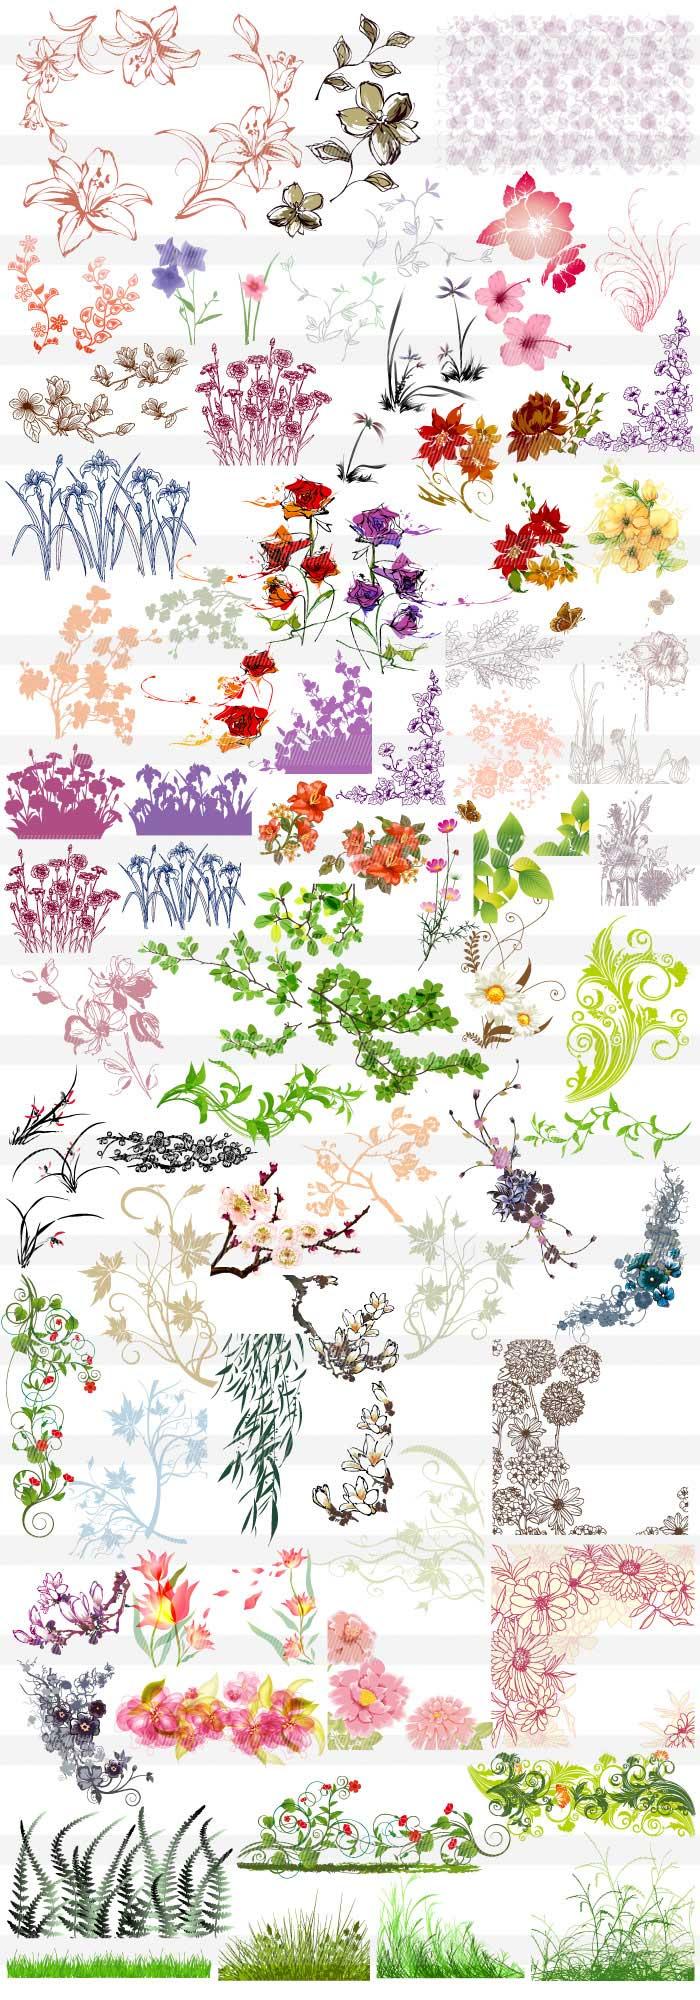 花・草木のシルエット背景素材